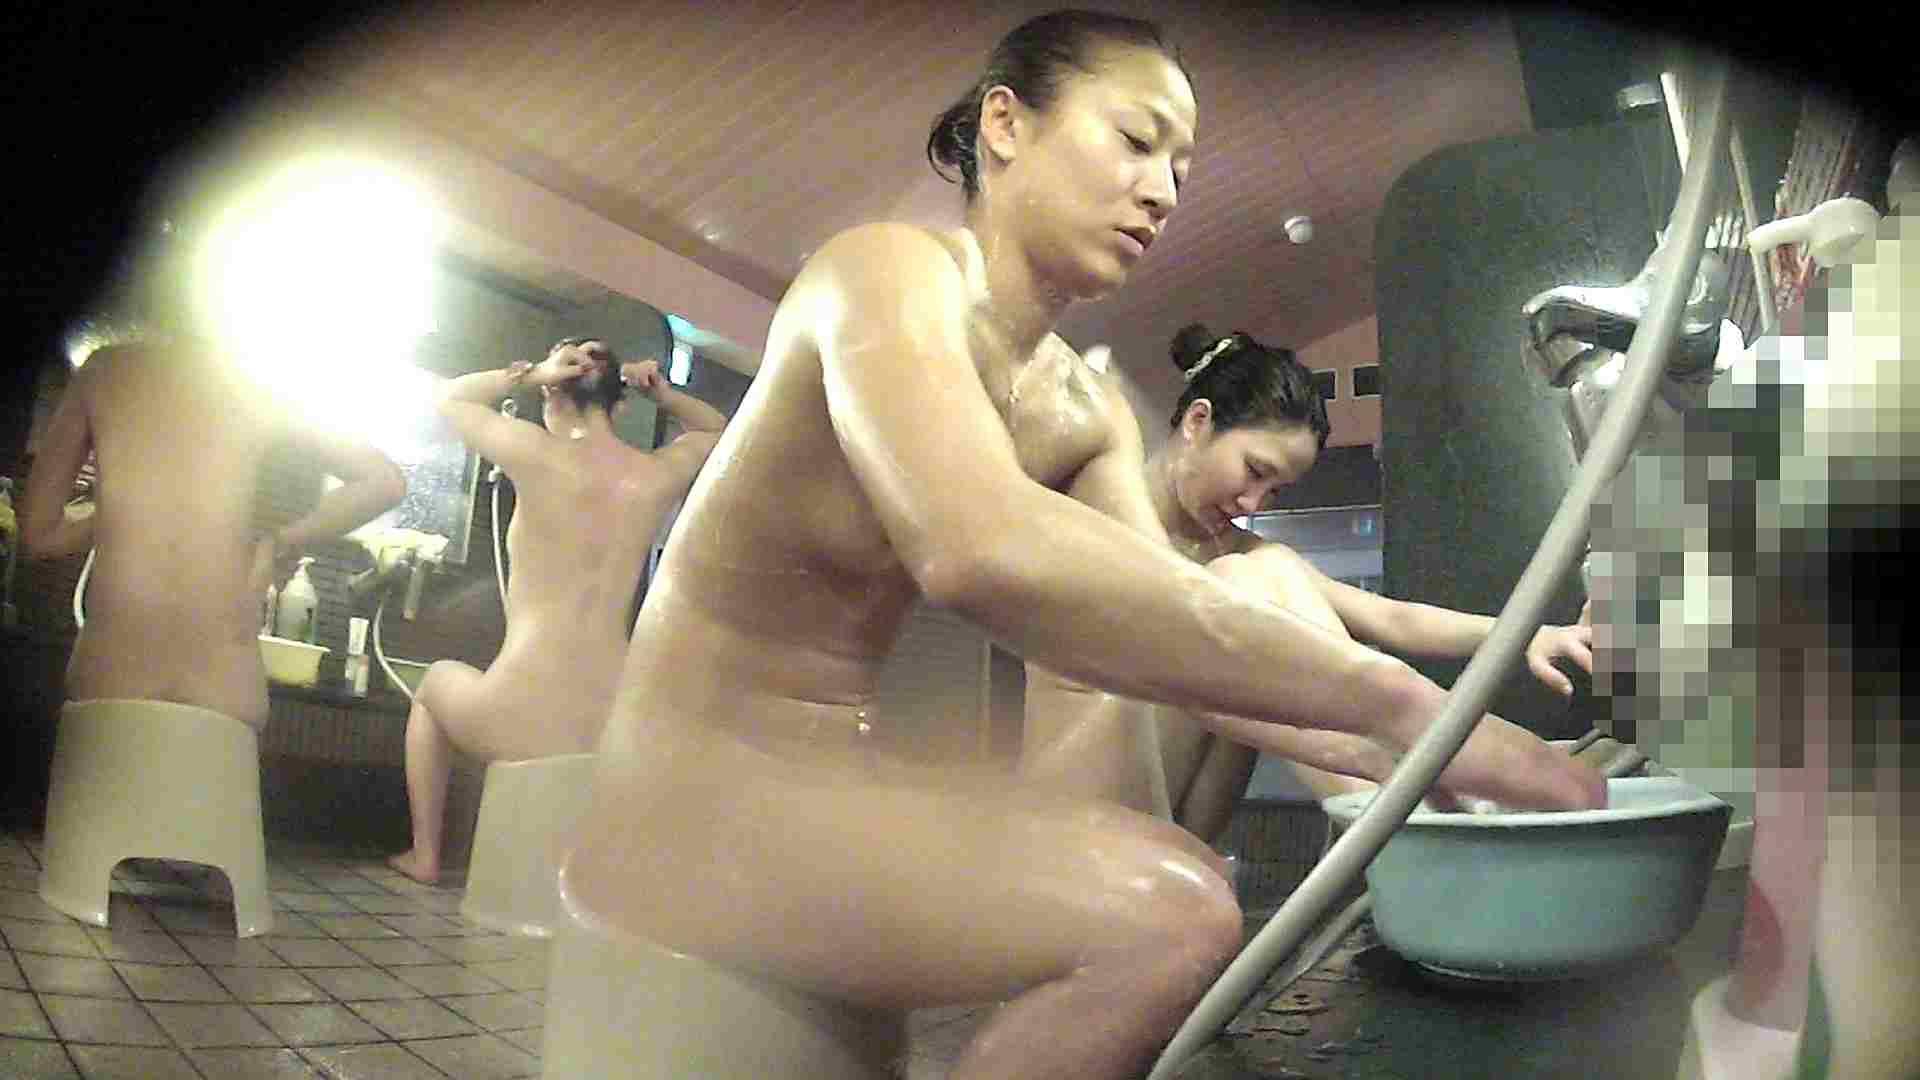 おまんこ:洗い場!対照的な二人!手前の美人さんは若い時遊んでましたね:怪盗ジョーカー